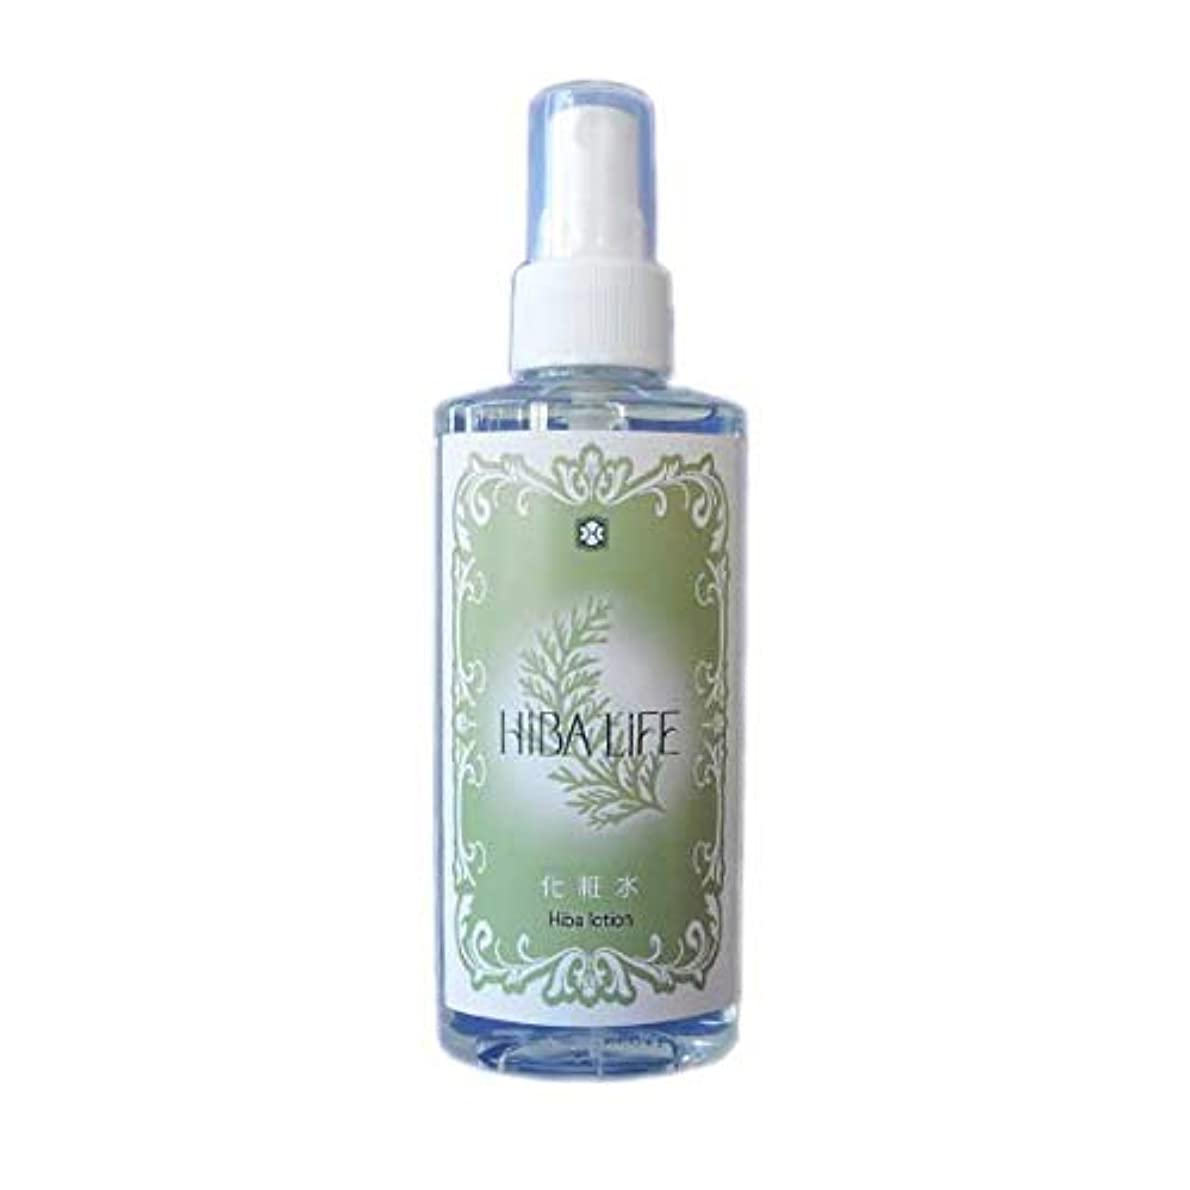 エンティティローン持続的ひばの森化粧水